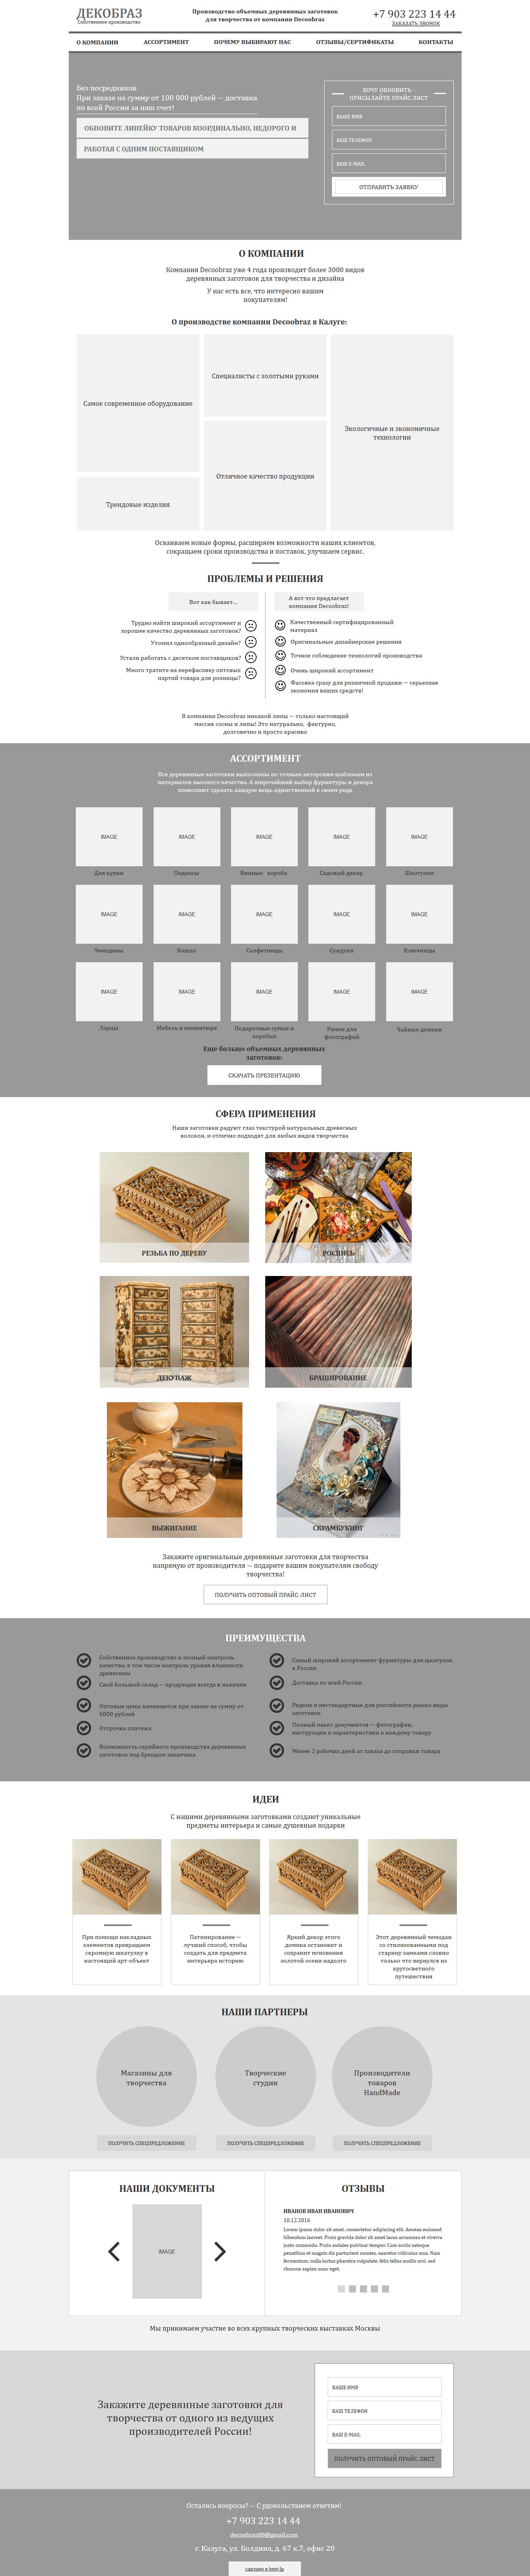 Макет для Landing Page по производству деревянных заготовок